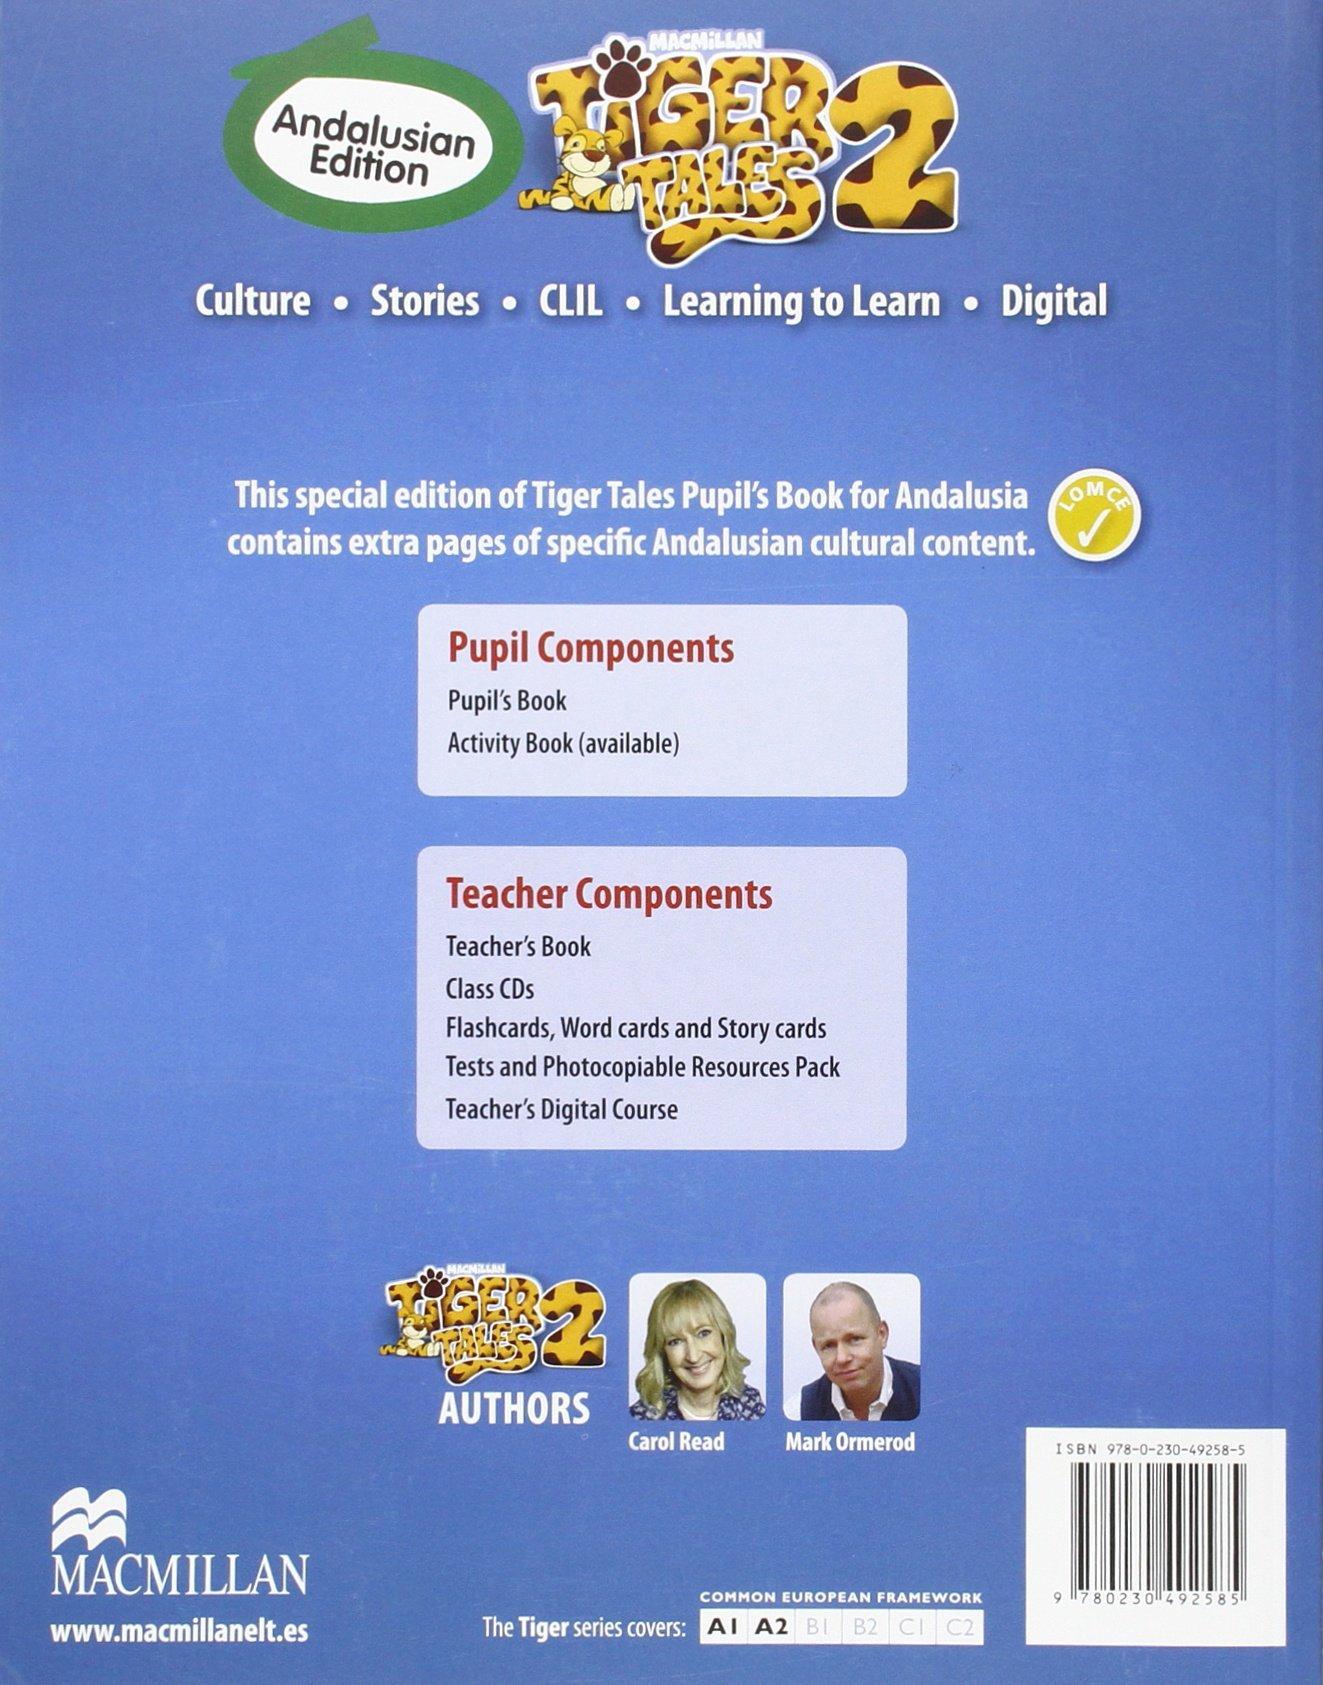 TIGER 2 Pb Andalusian - 9780230492585 Tiger Andalucia: Amazon.es: Read, C., Ormerod, M.: Libros en idiomas extranjeros